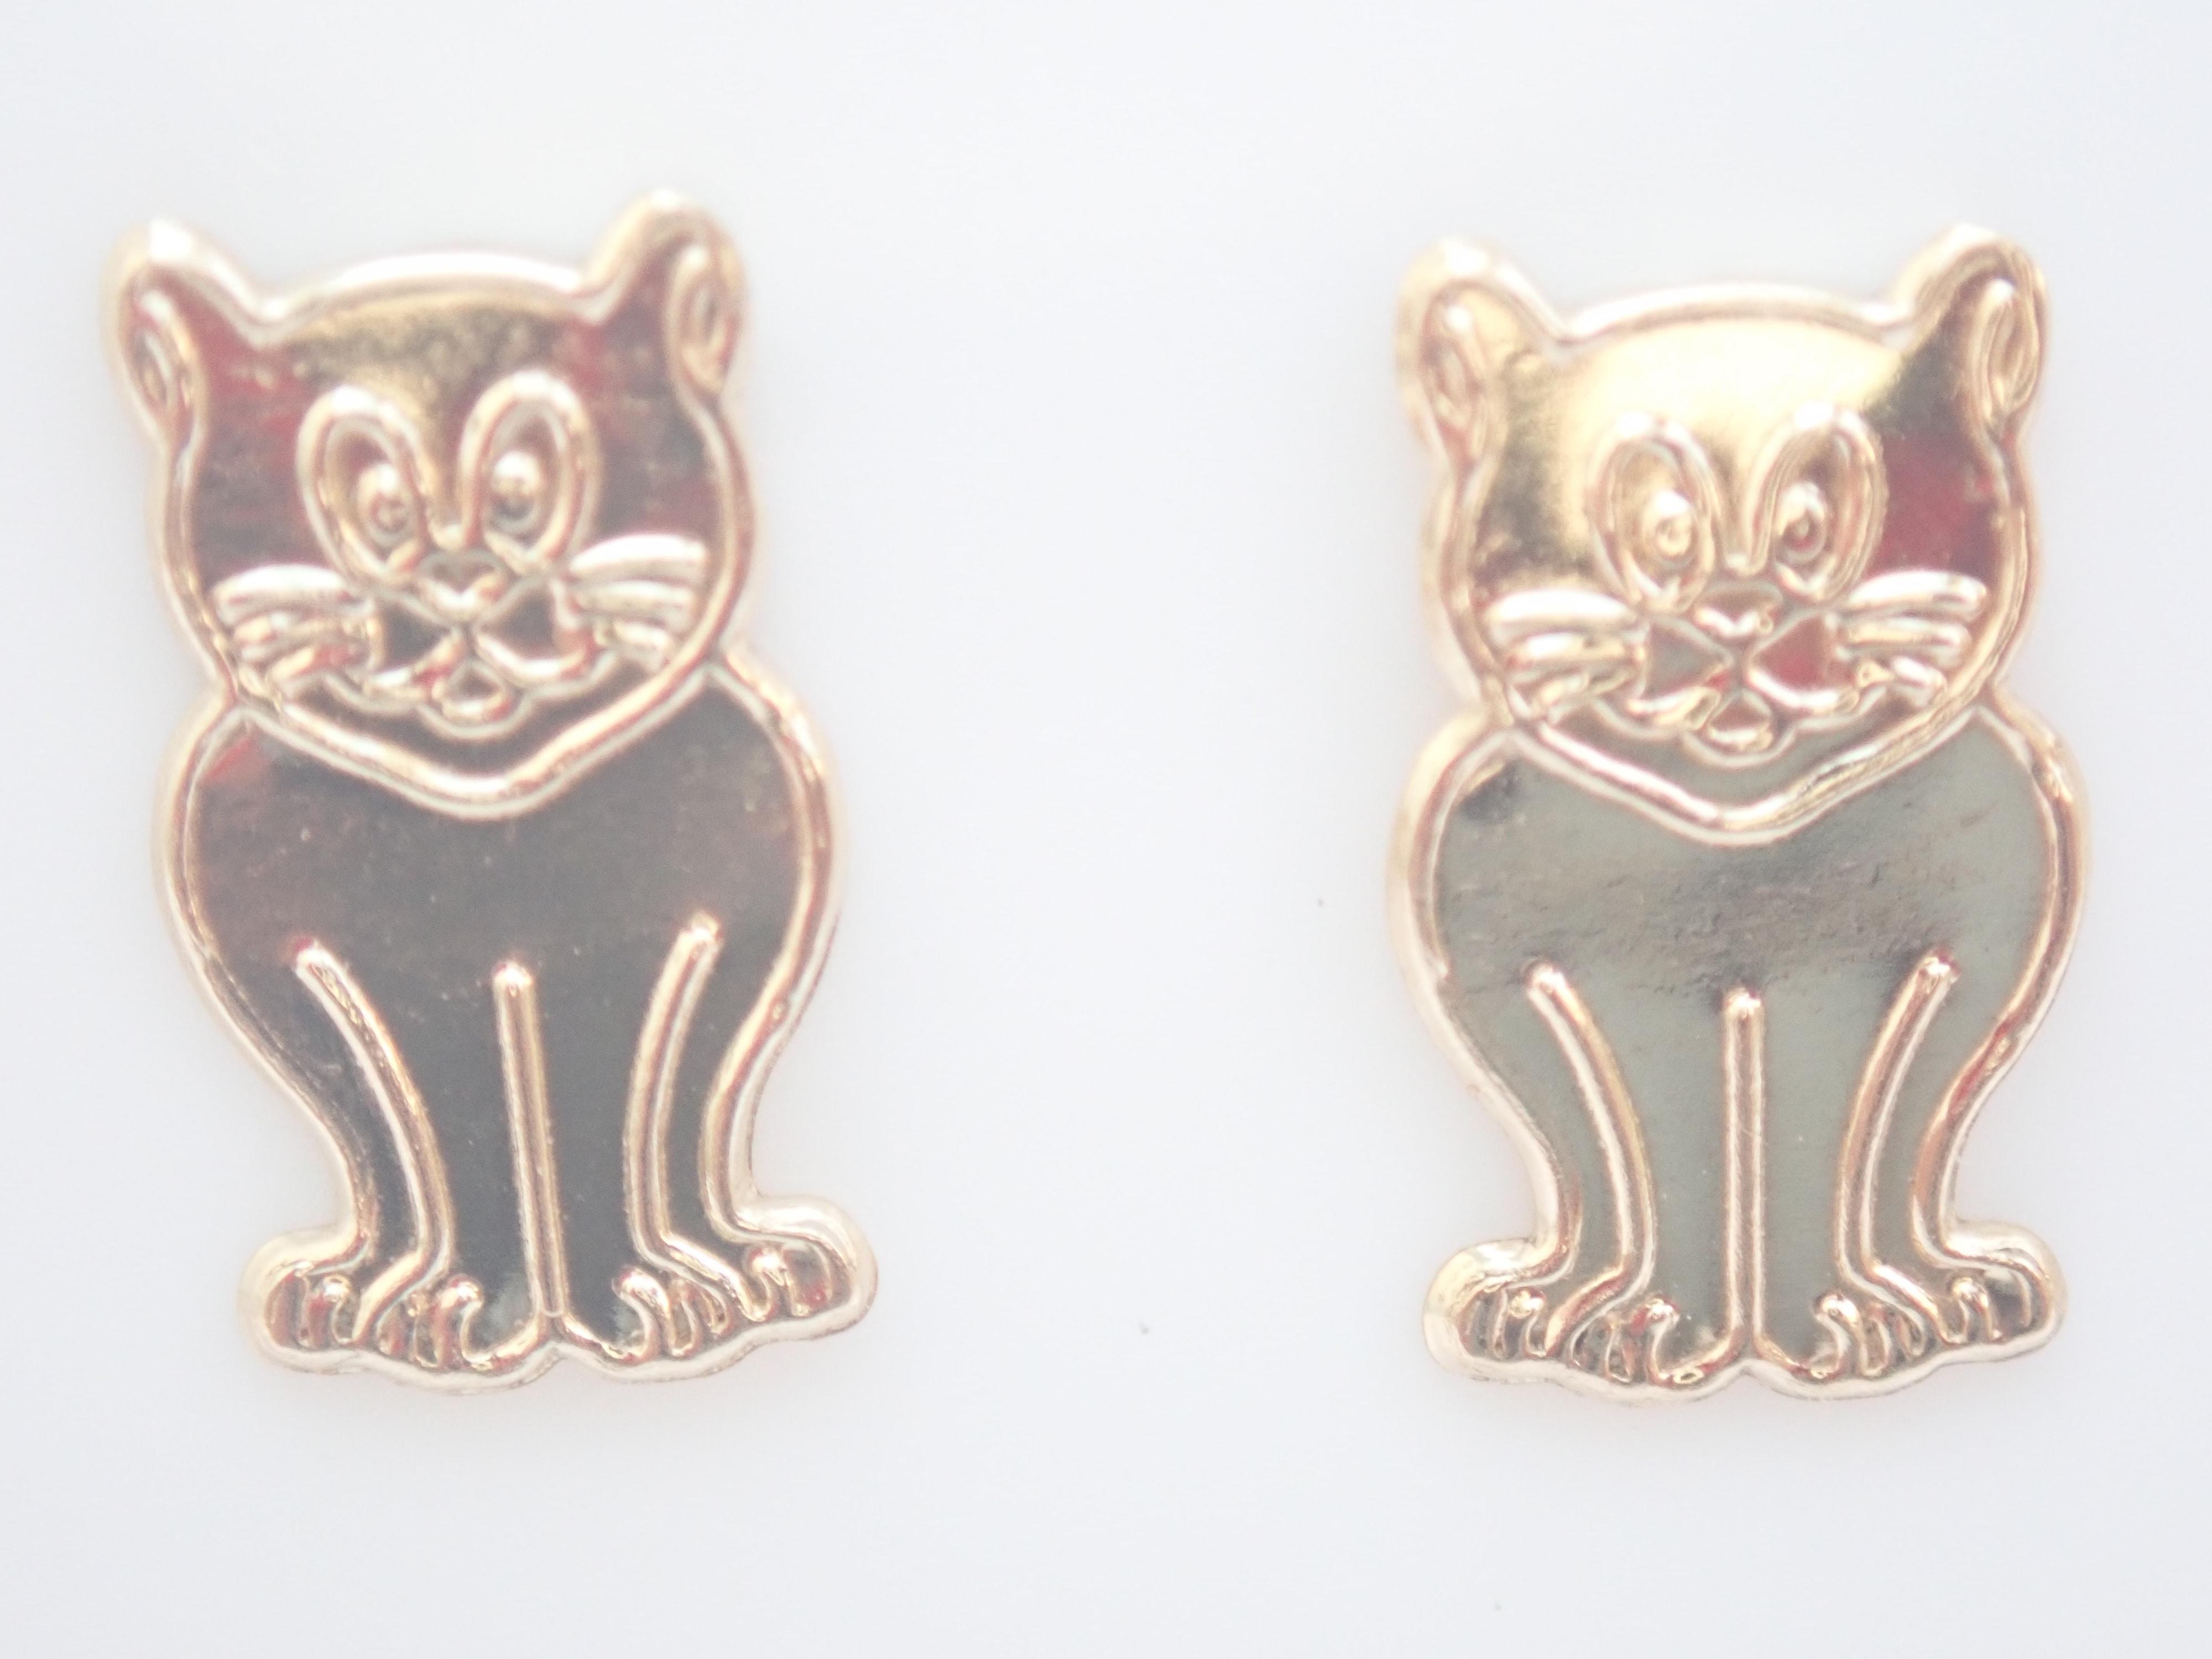 AZZ00562 - 9k 375 Yellow Gold Sitting Cat Stud Earrings 0.5gms #8